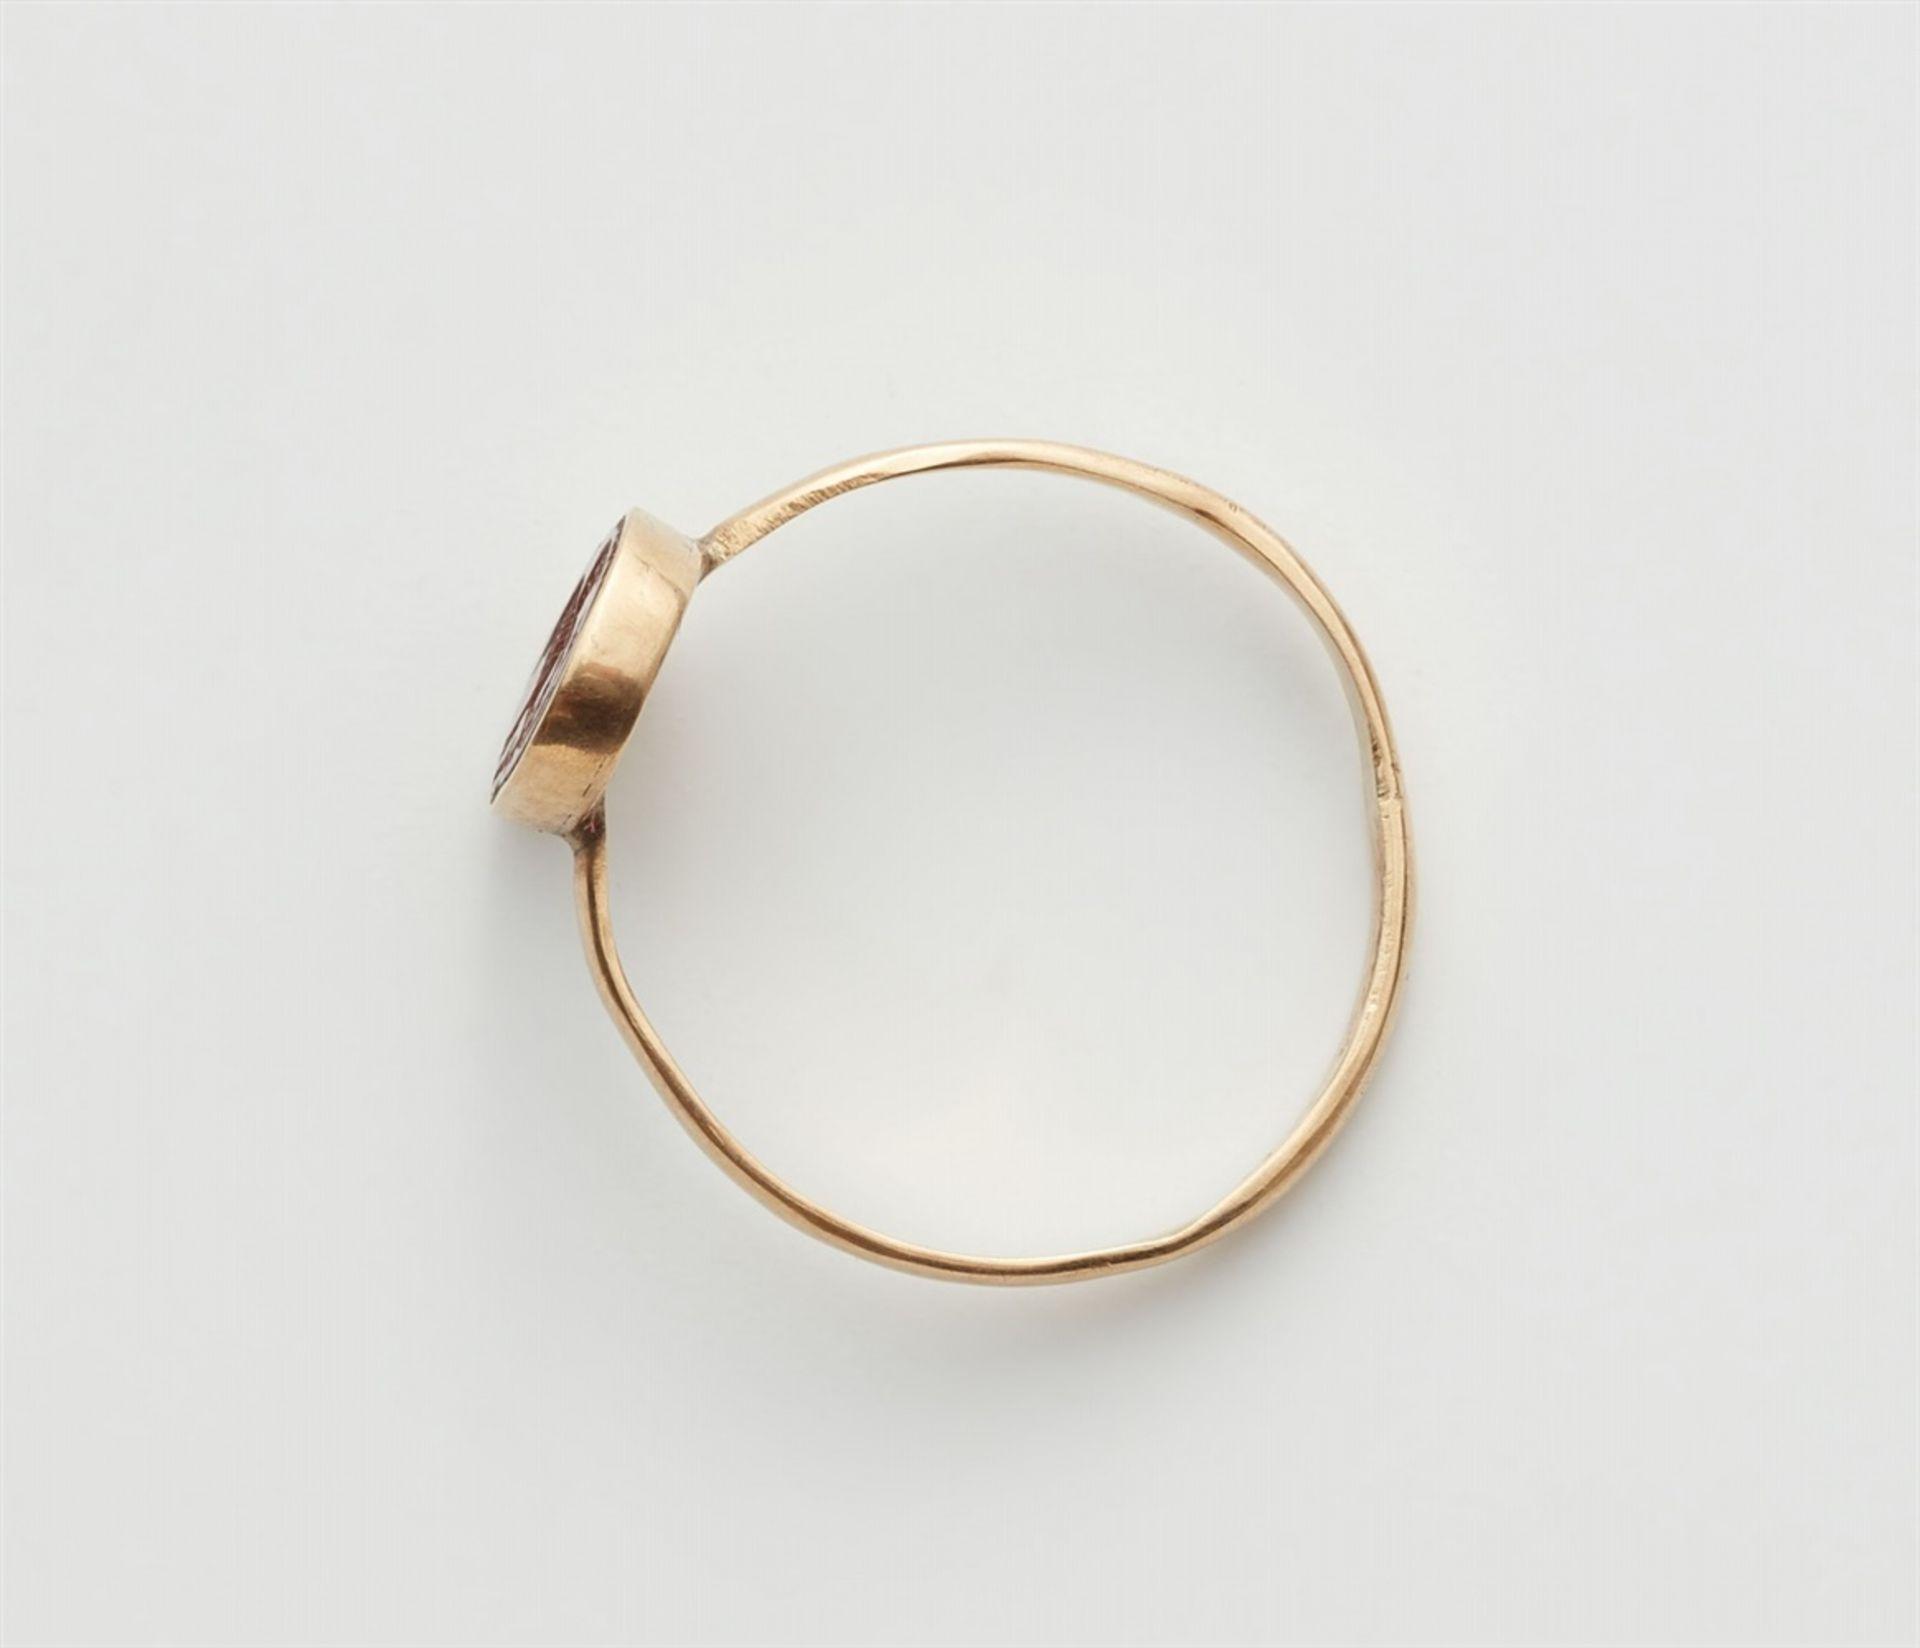 Ring mit römischer Gemme - Bild 3 aus 3